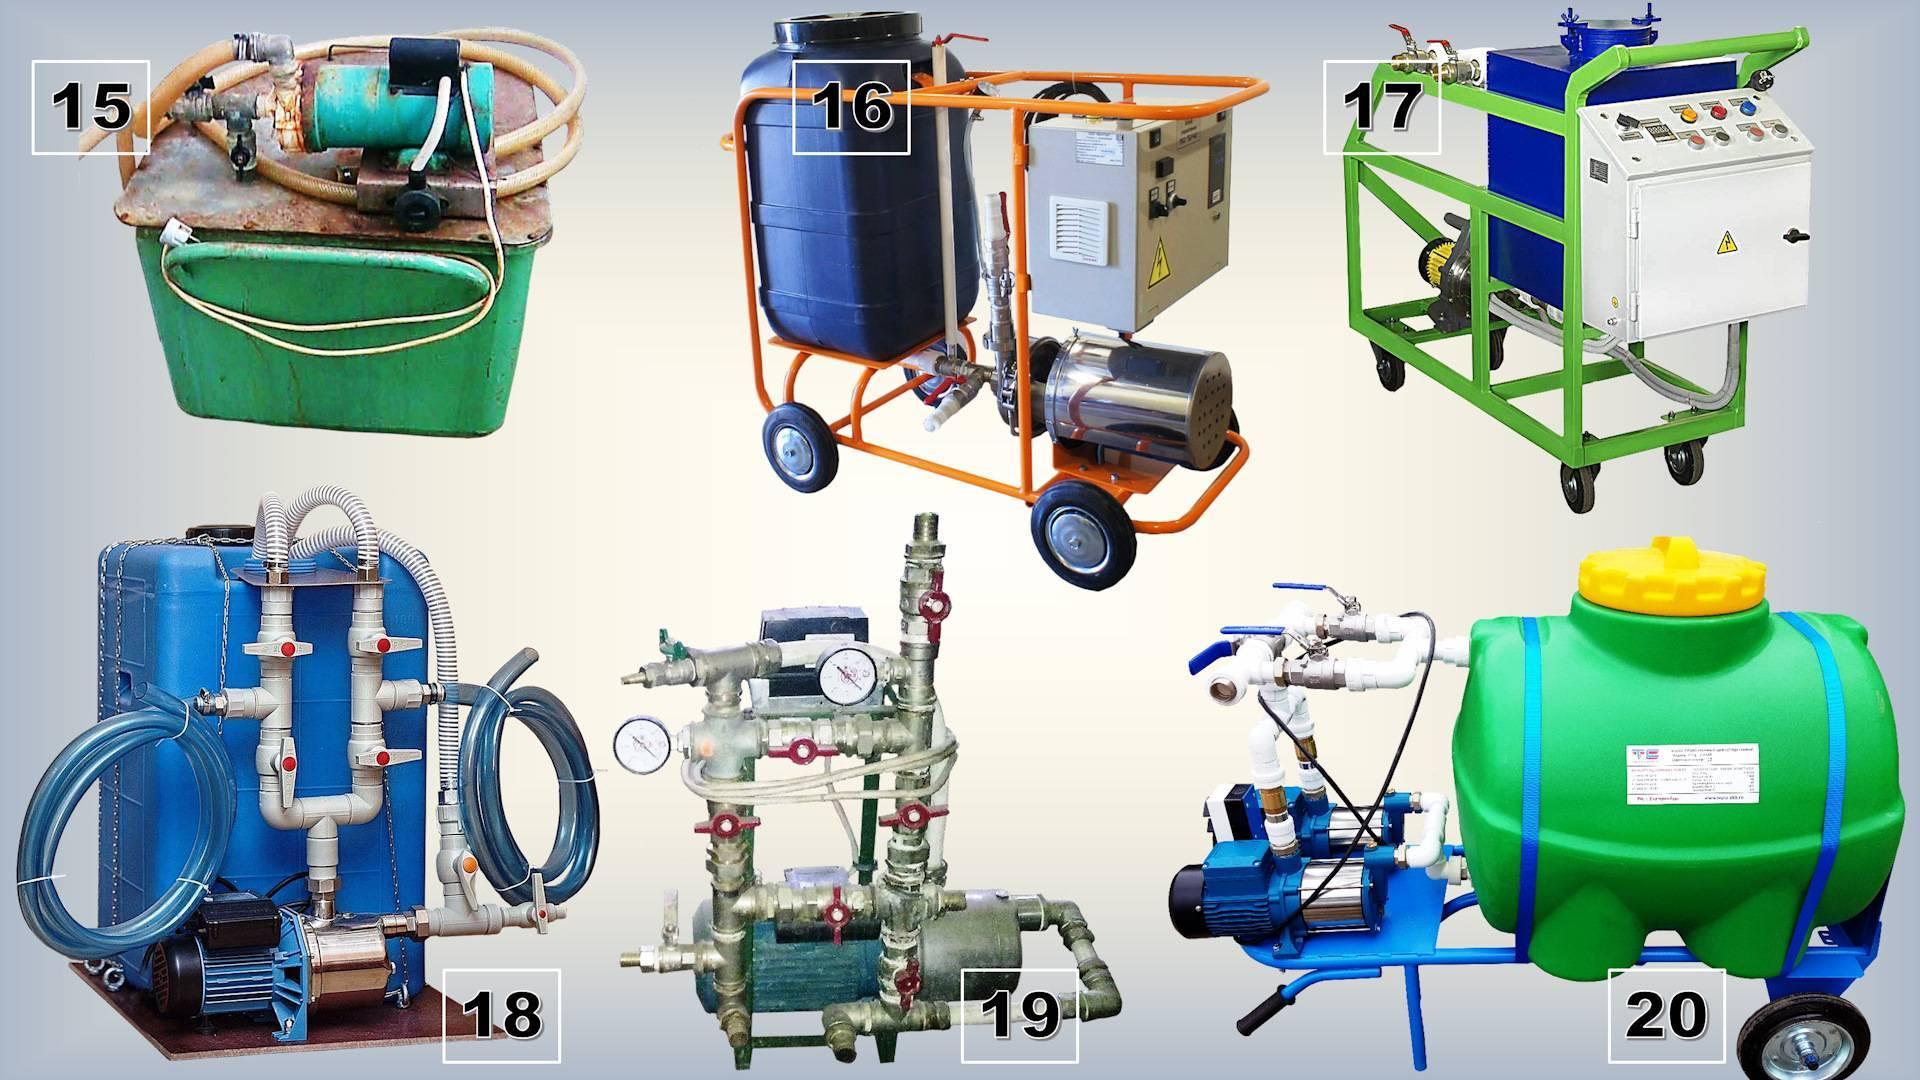 Оборудование для промывки систем отопления от загрязнений различного характера